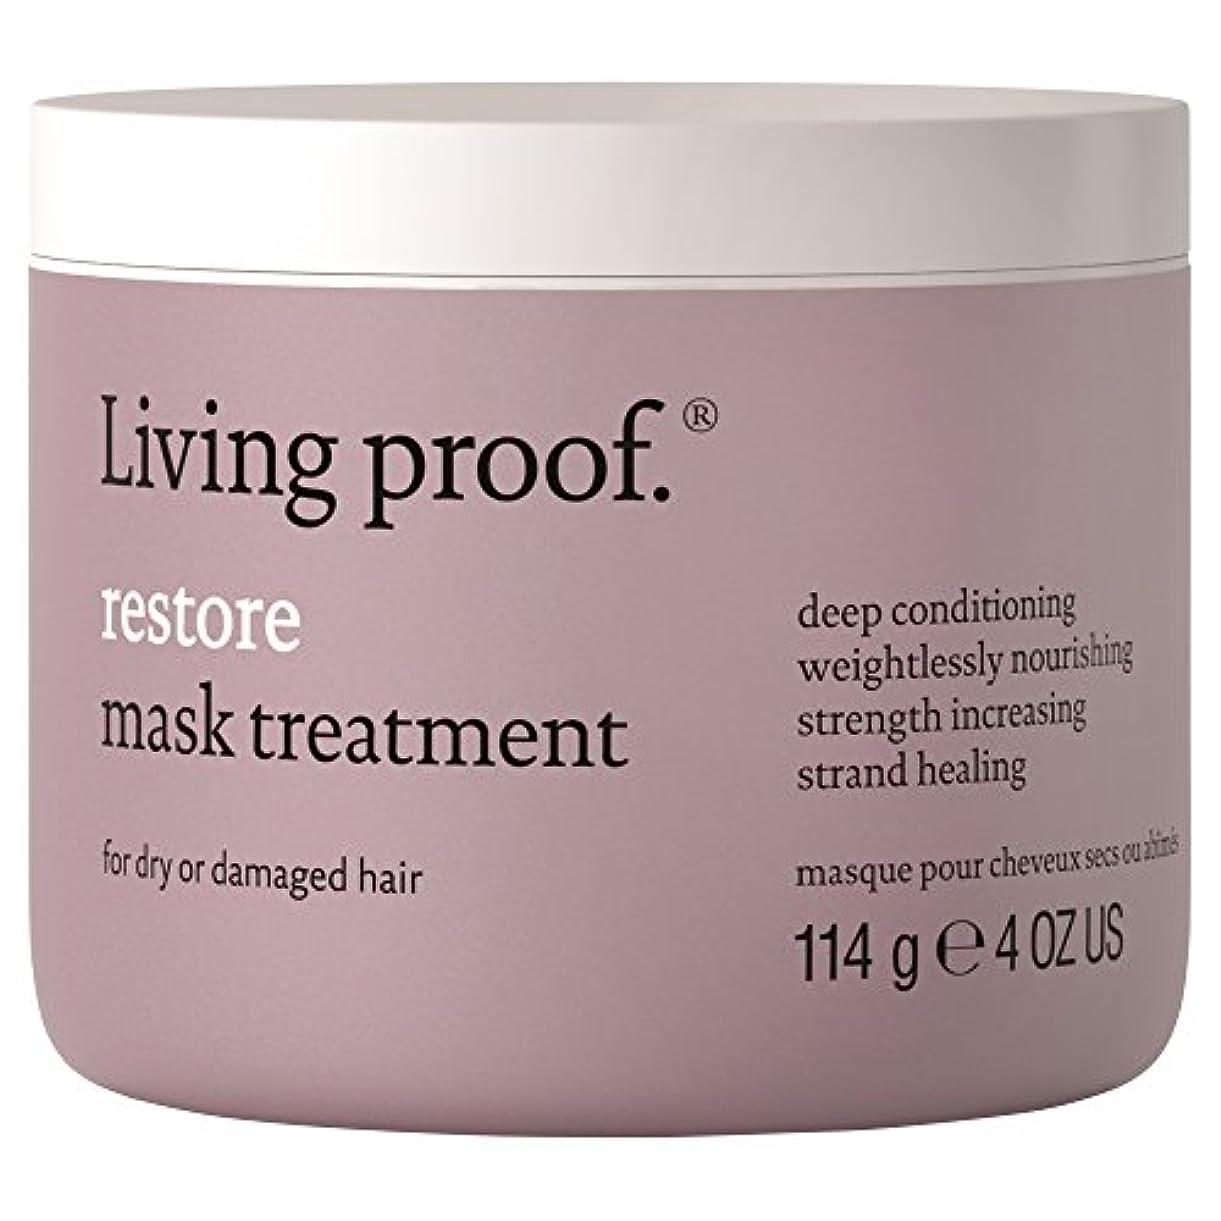 水を飲む同化乱暴な生きている証拠は、マスク処理114グラムを復元します (Living Proof) - Living Proof Restore Mask Treatment 114g [並行輸入品]